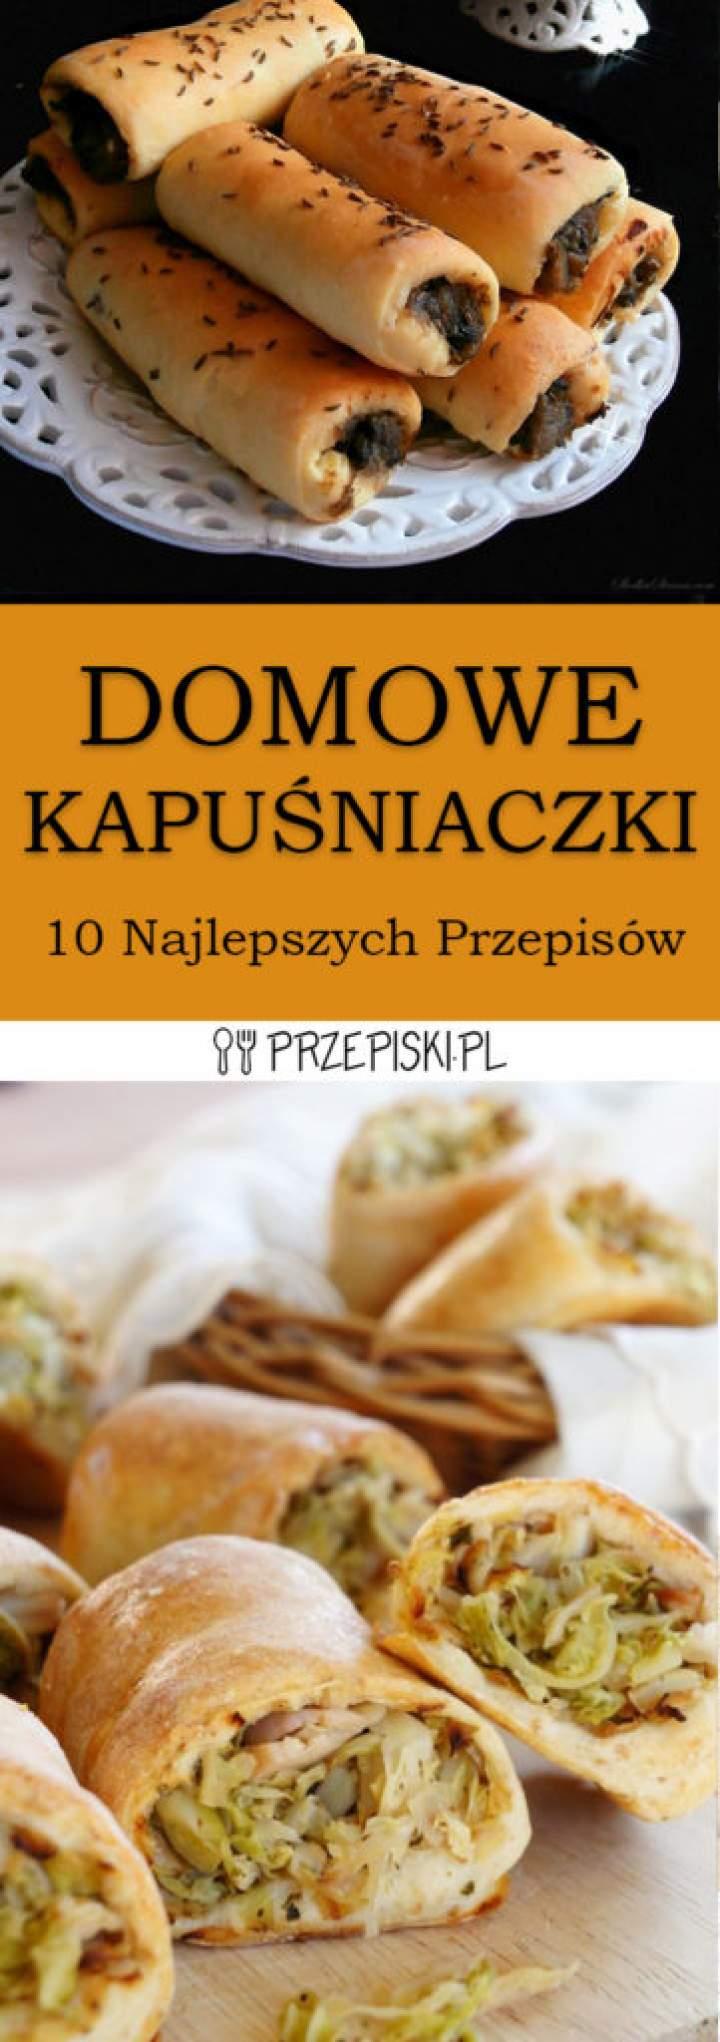 TOP 10 Przepisów na Domowe Kapuśniaczki – Idealne na Święta i nie Tylko